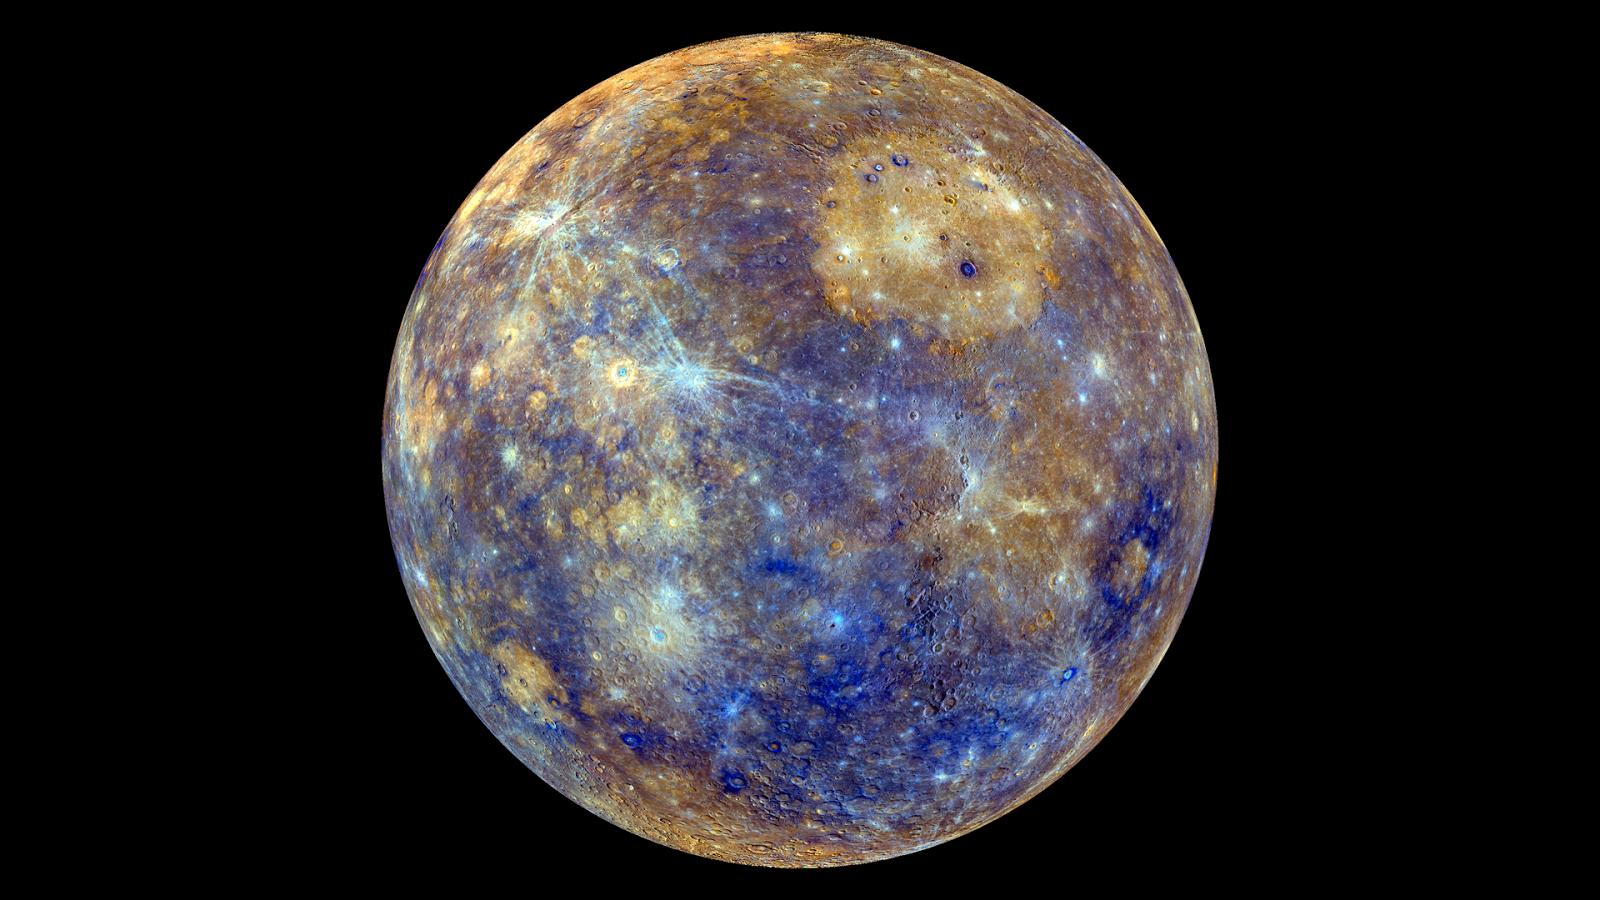 Thành phần địa chất bề mặt sao Thủy được hé lộ qua thông tin gửi về từ tàu vũ trụ